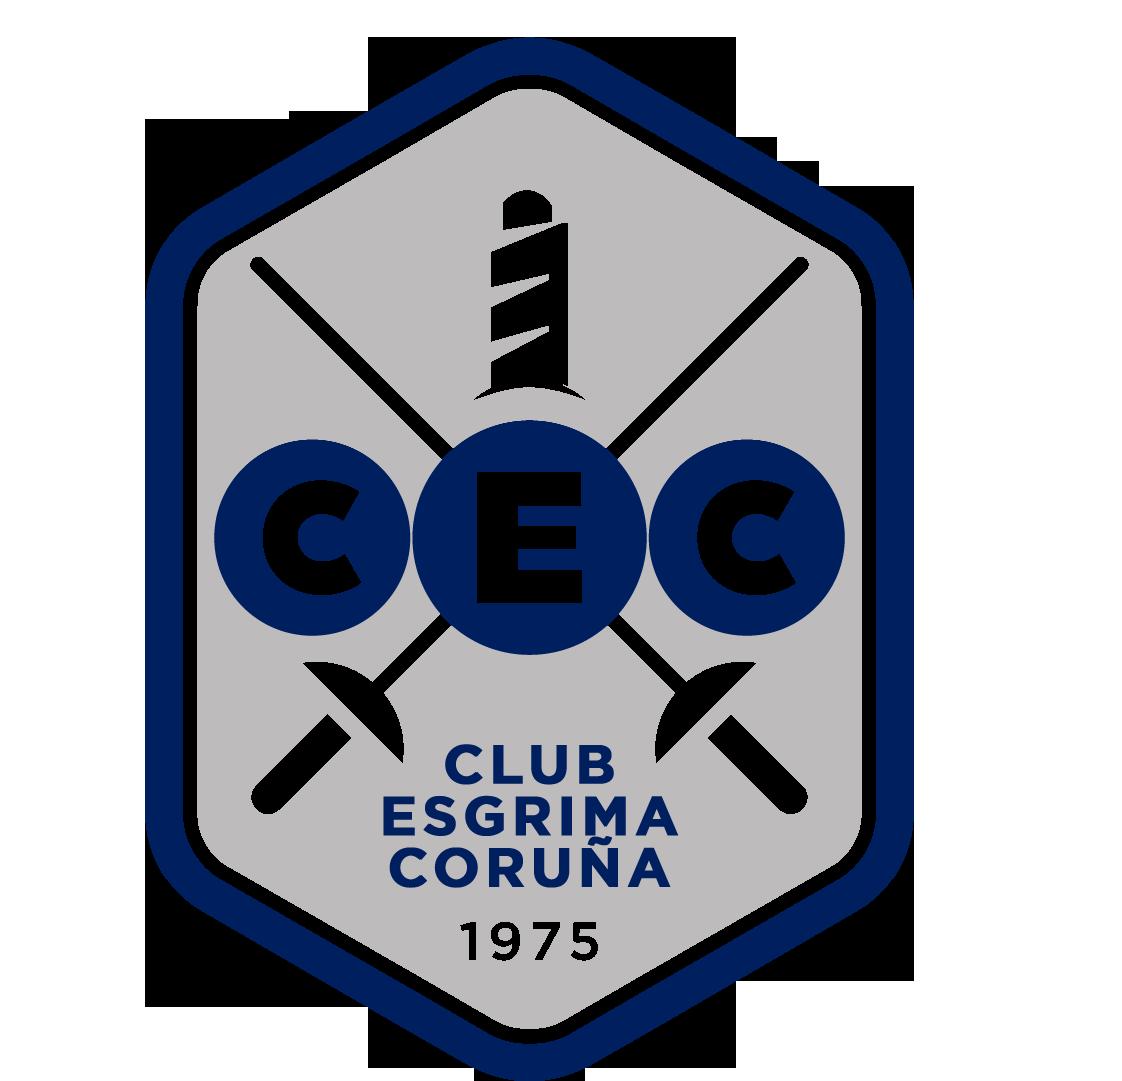 Club Esgrima Coruña